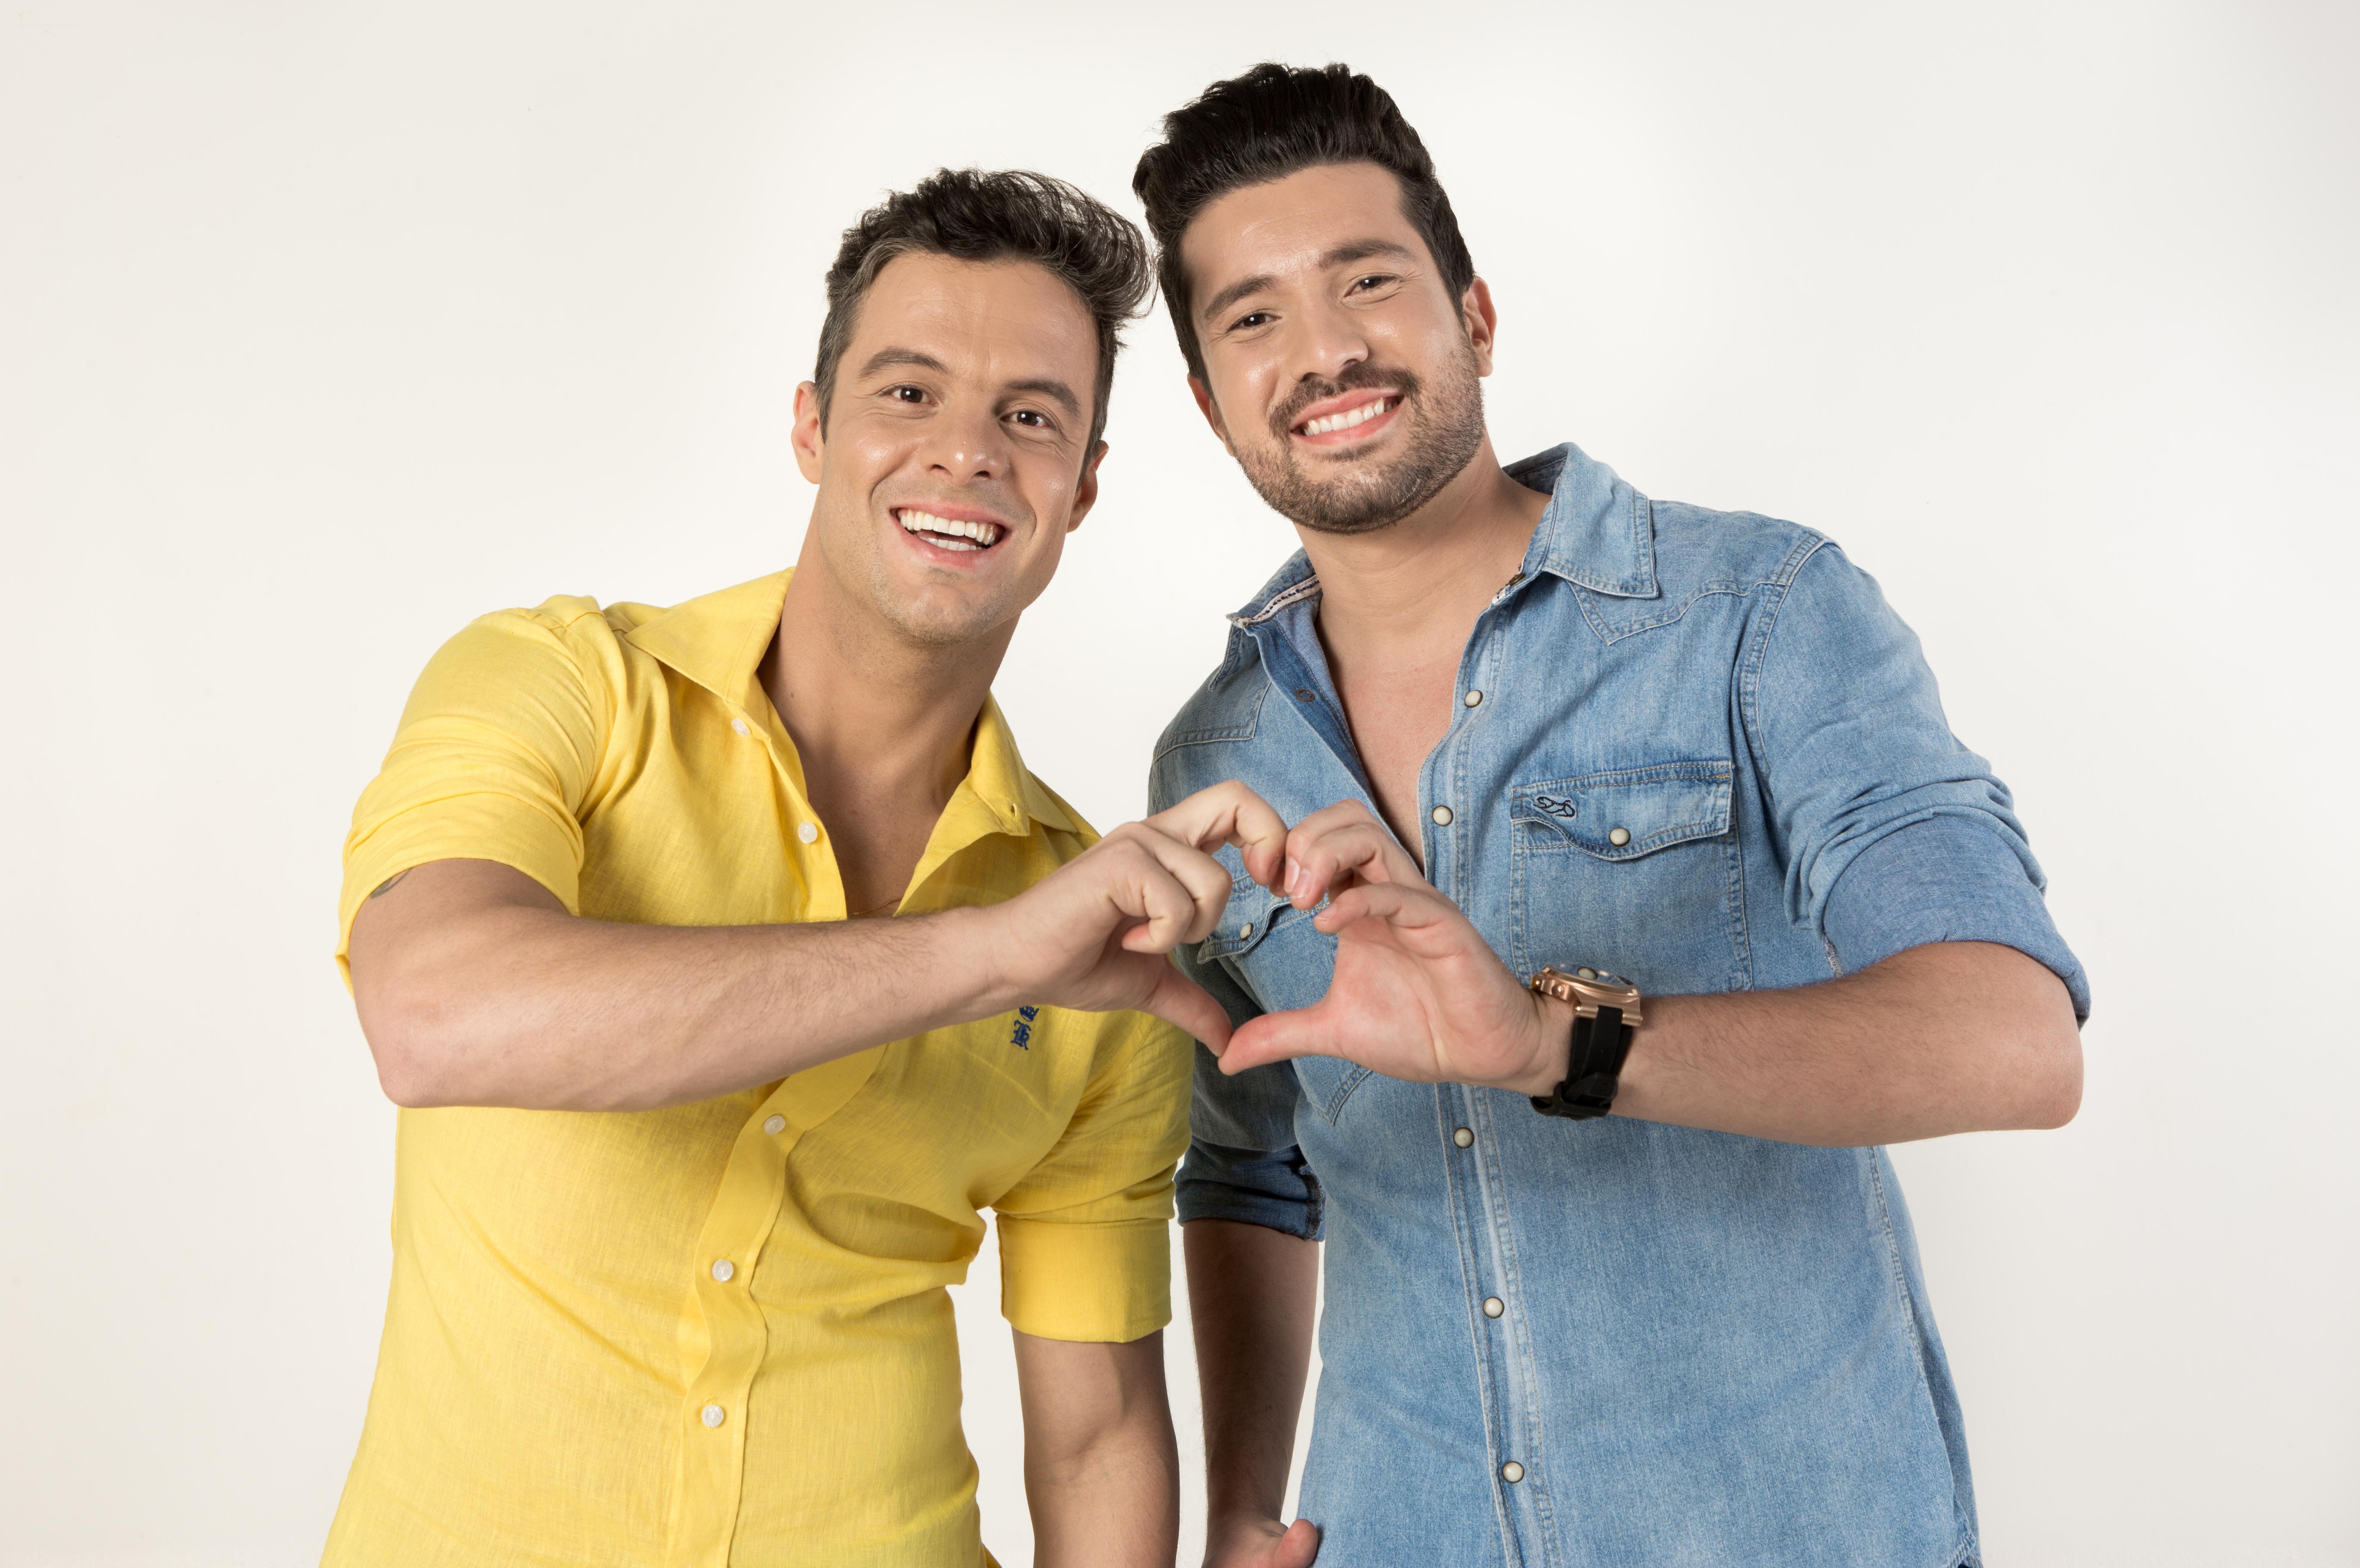 Marcos Paulo & Rulian de moda nova. Confiram.